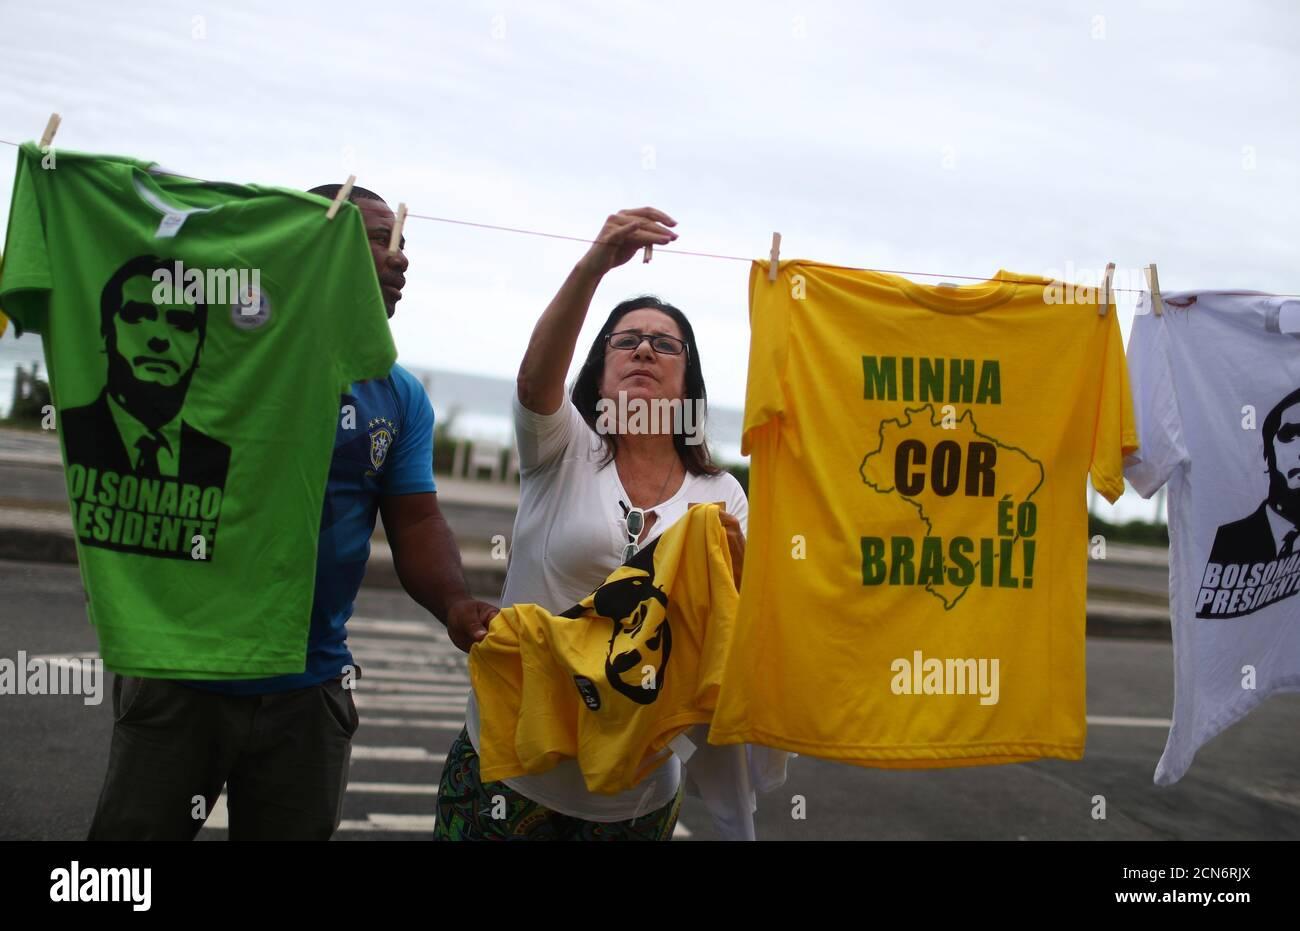 Eine Frau nimmt ein T-Shirt mit dem Bild des neuen Präsidenten Brasiliens, Jair Bolsonaro, vor Bolsonaros Eigentumswohnung in Barra da Tijuca Nachbarschaft in Rio de Janeiro, Brasilien 29. Oktober 2018. REUTERS/Pilar Olivares Stockfoto